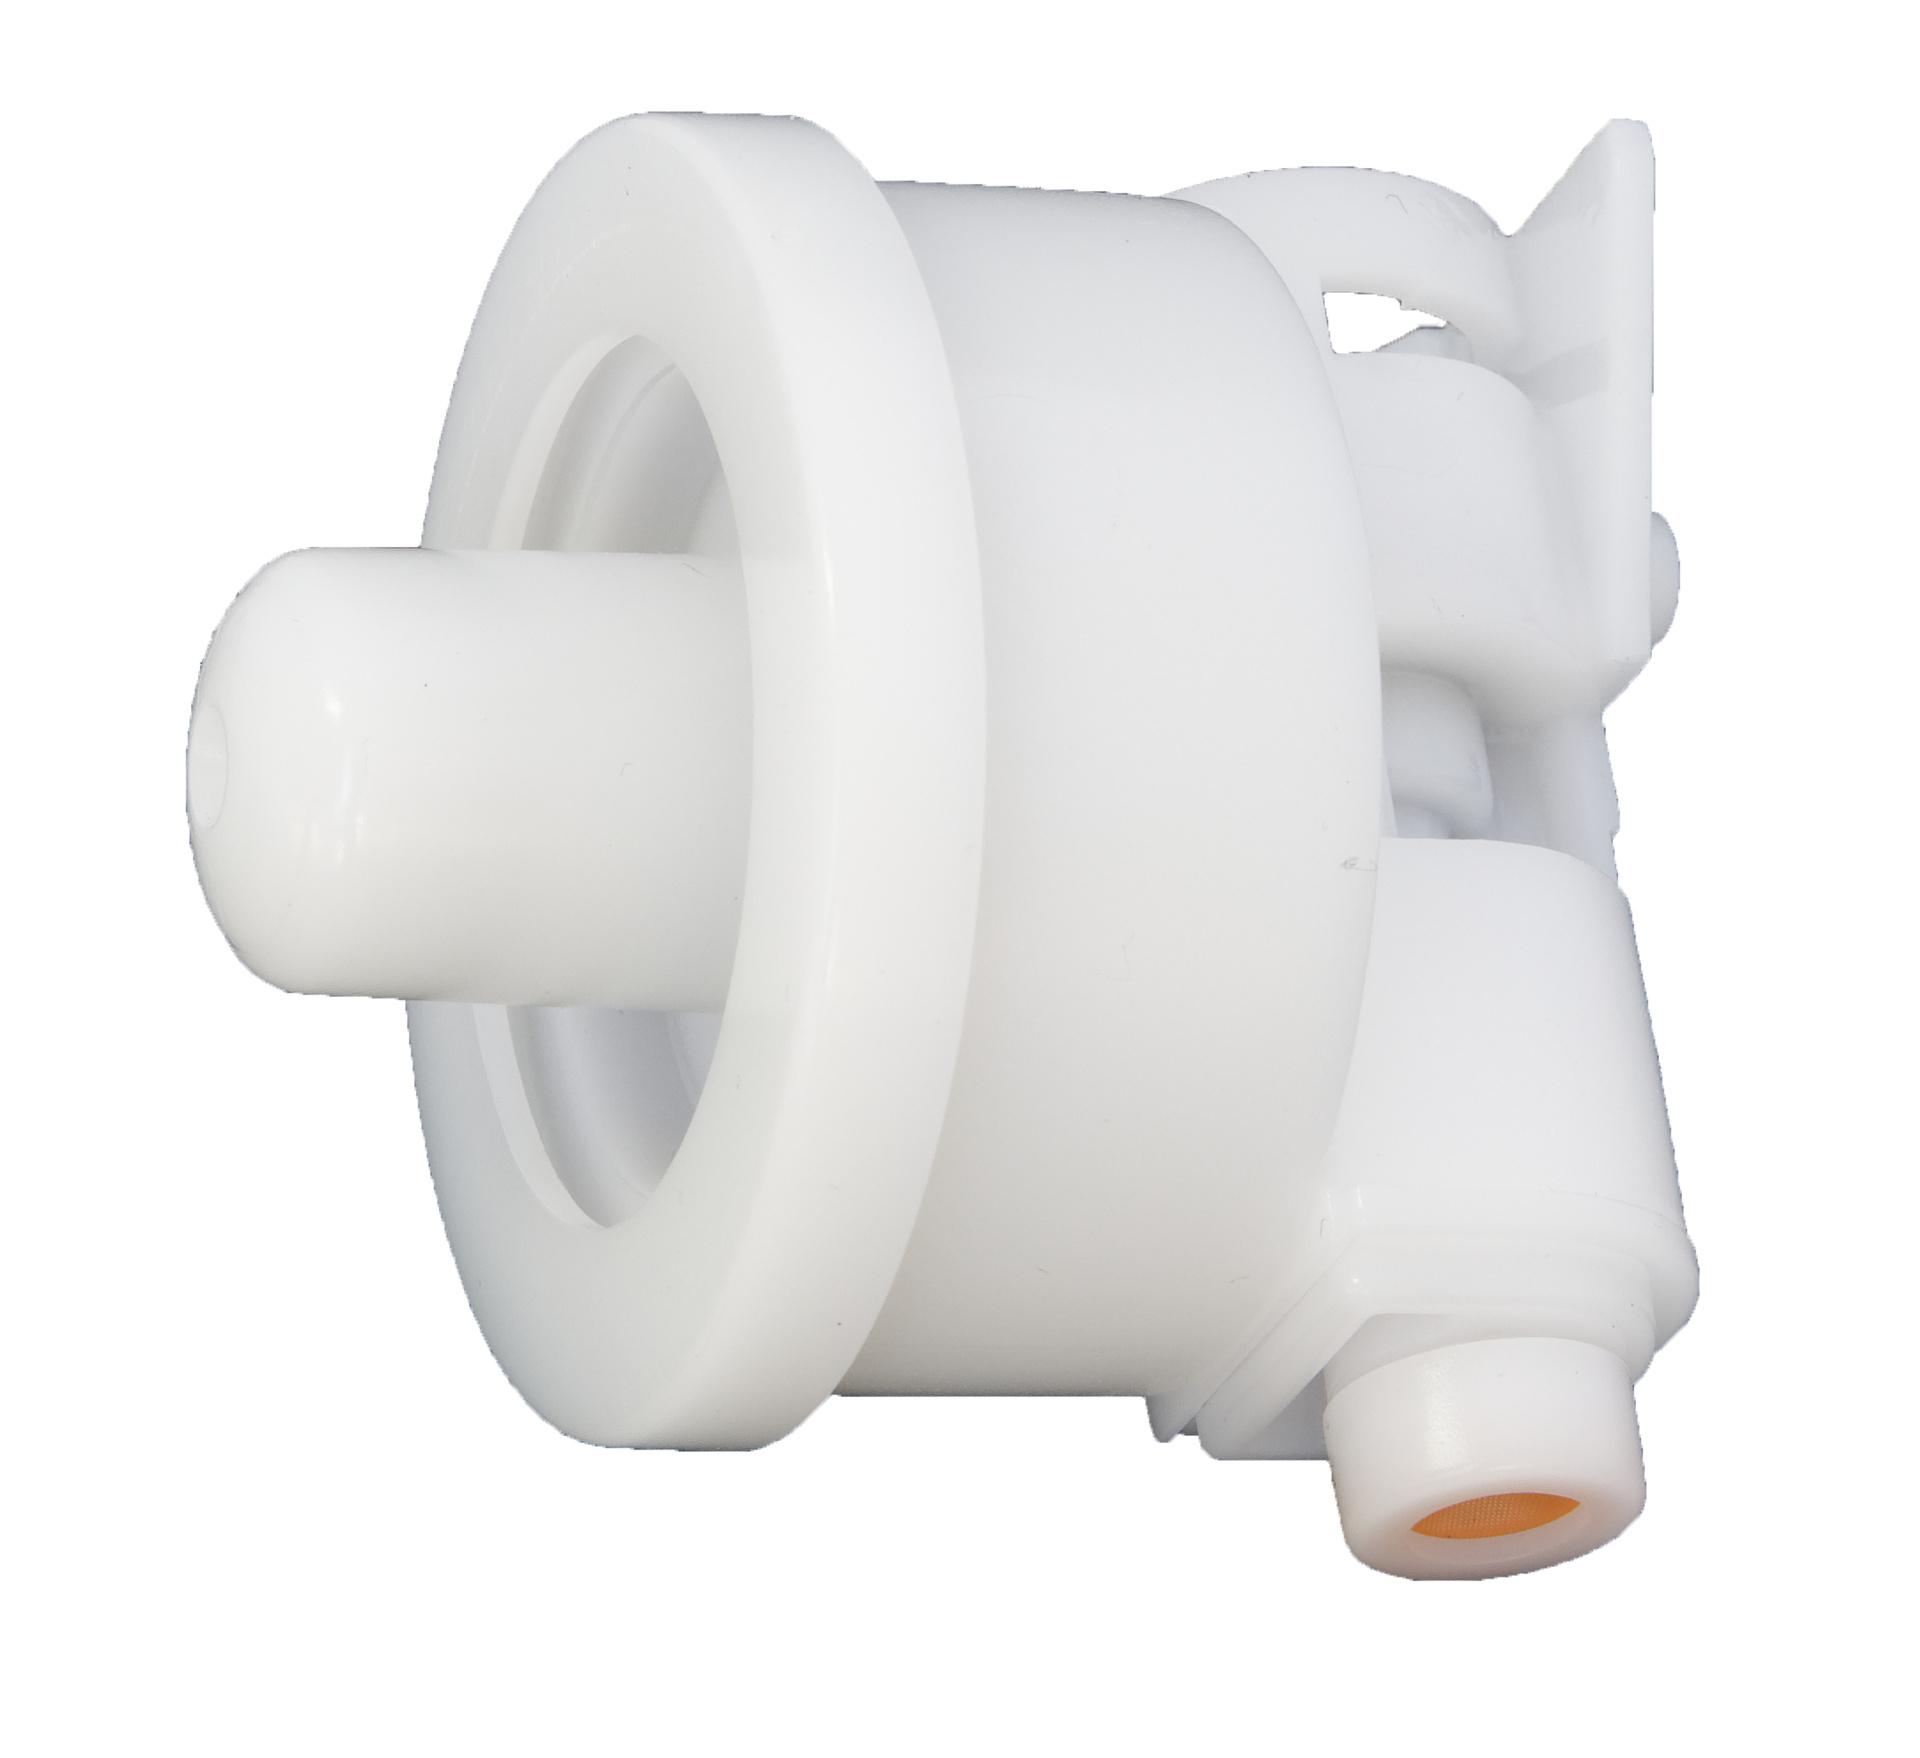 Ersatzpumpe für Schaumseifenspender 400 ml